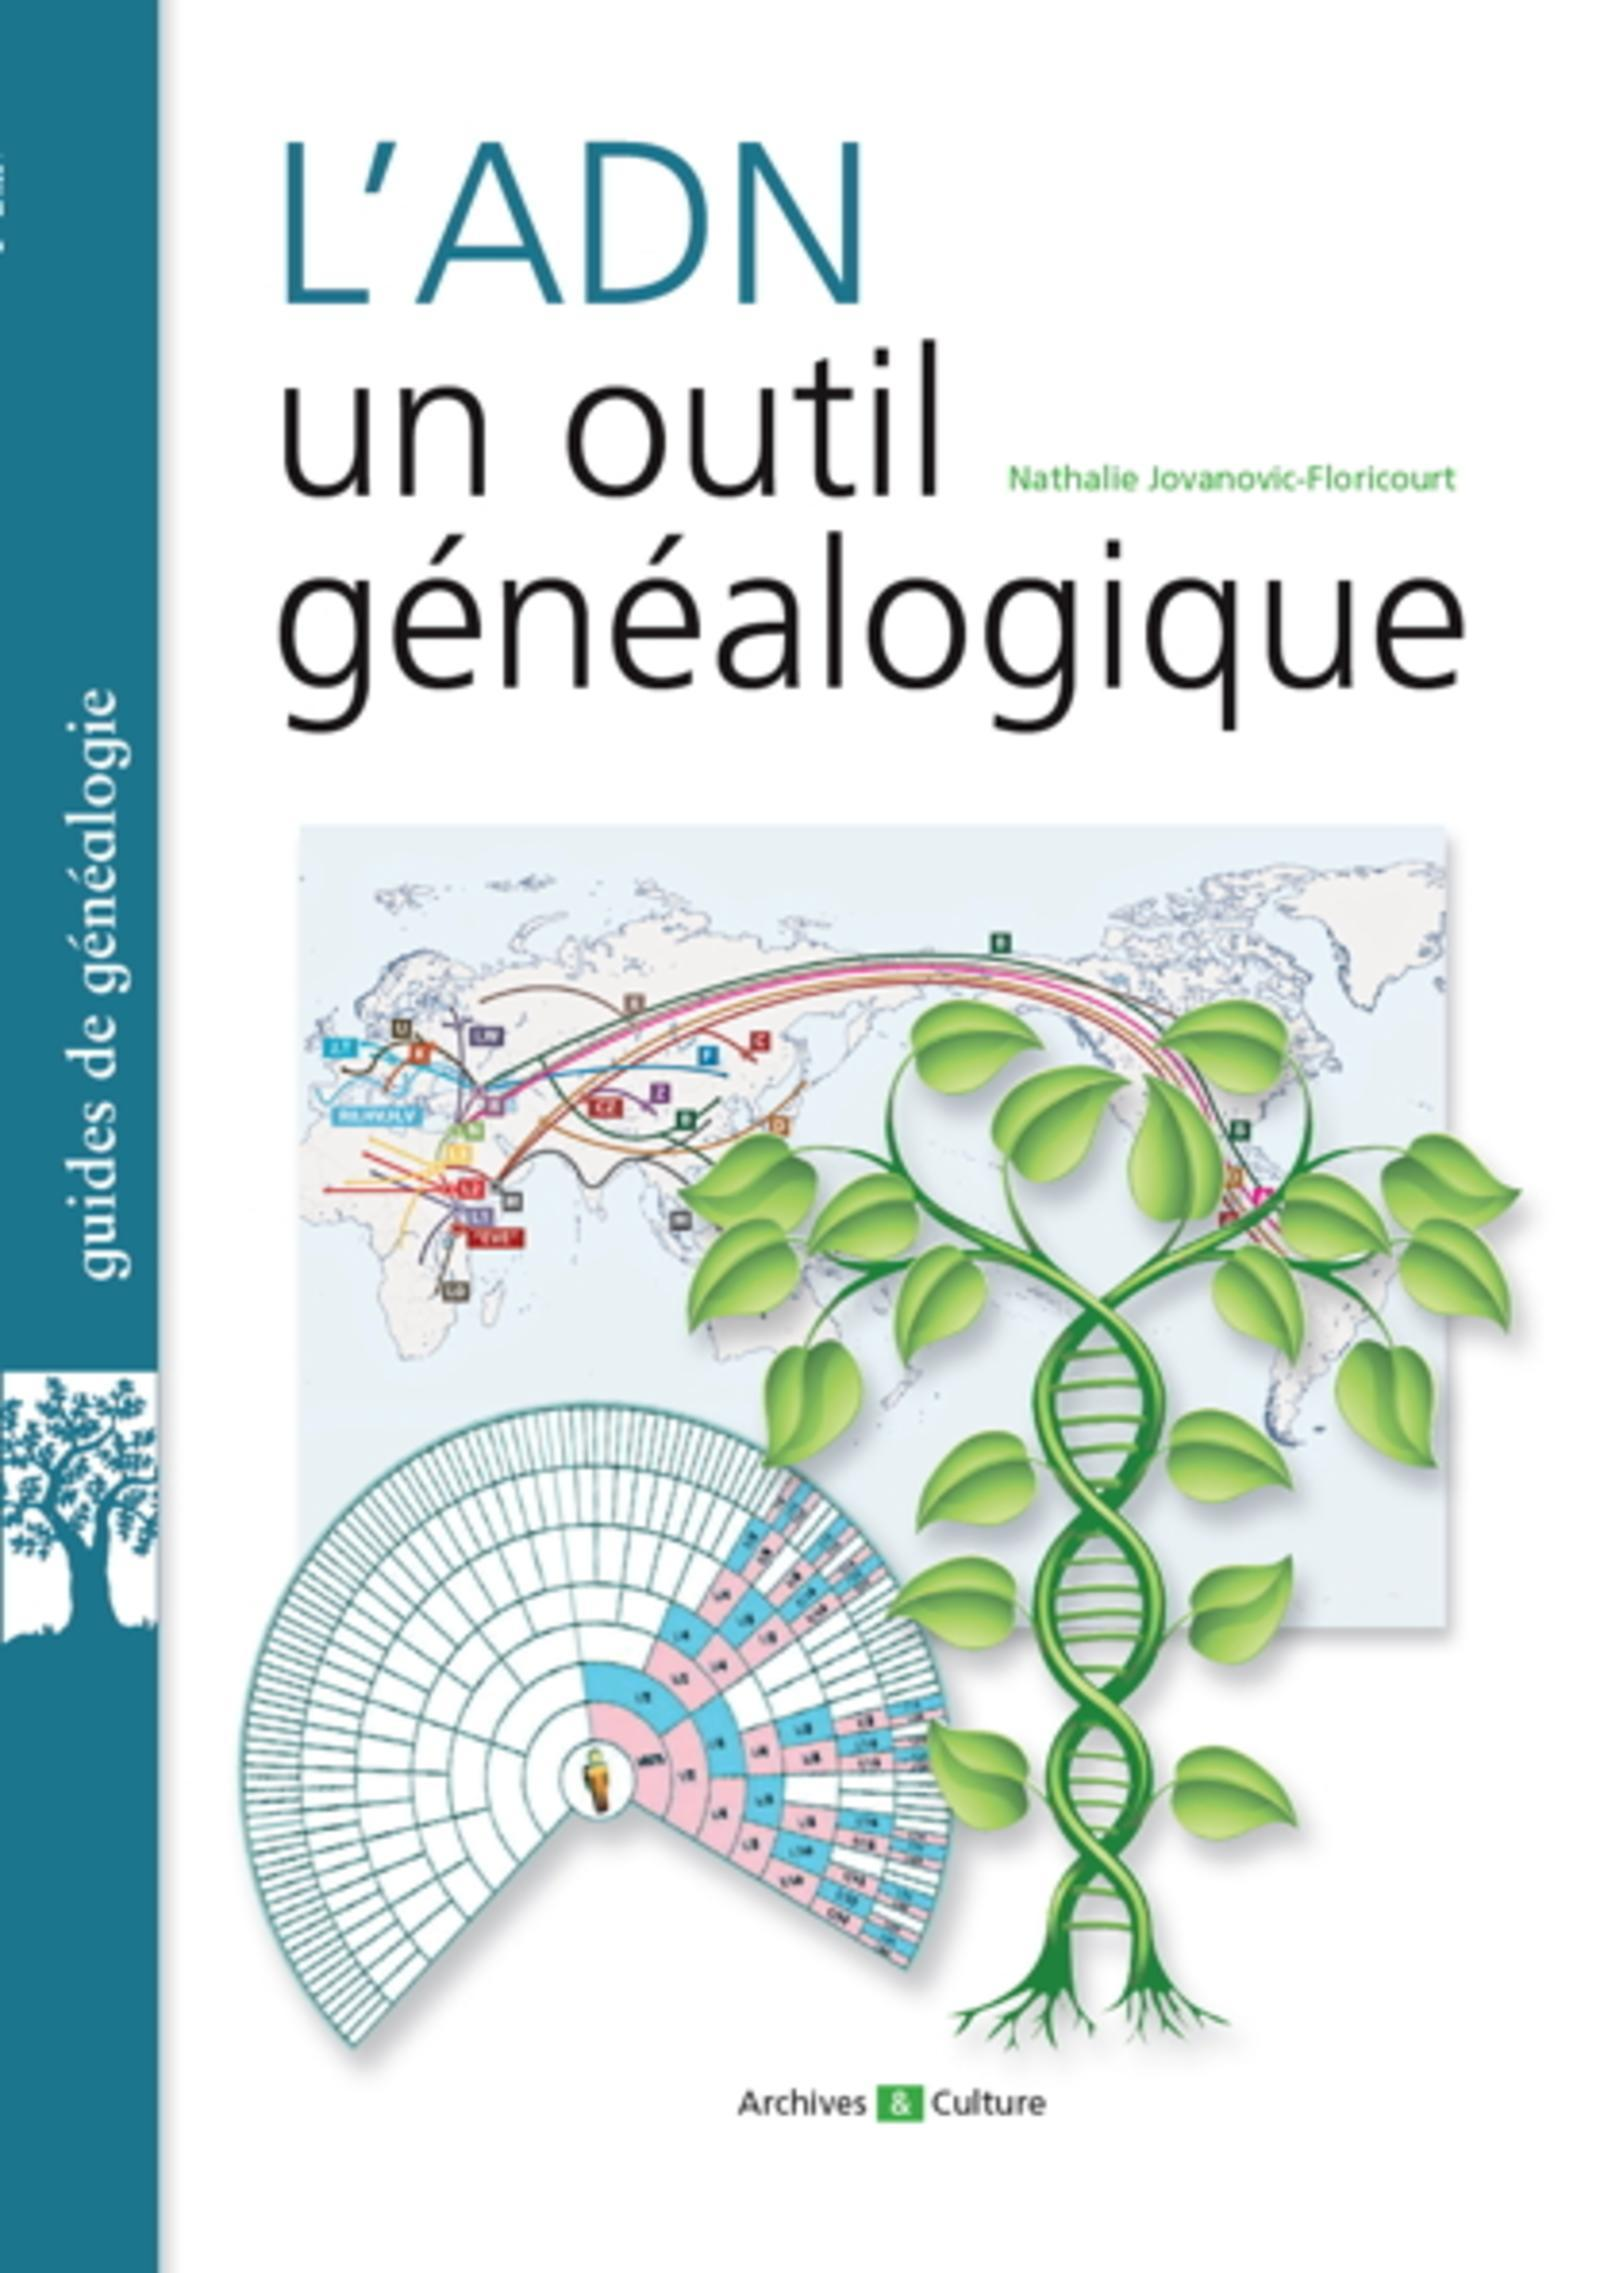 L ADN UN OUTIL GENEALOGIQUE